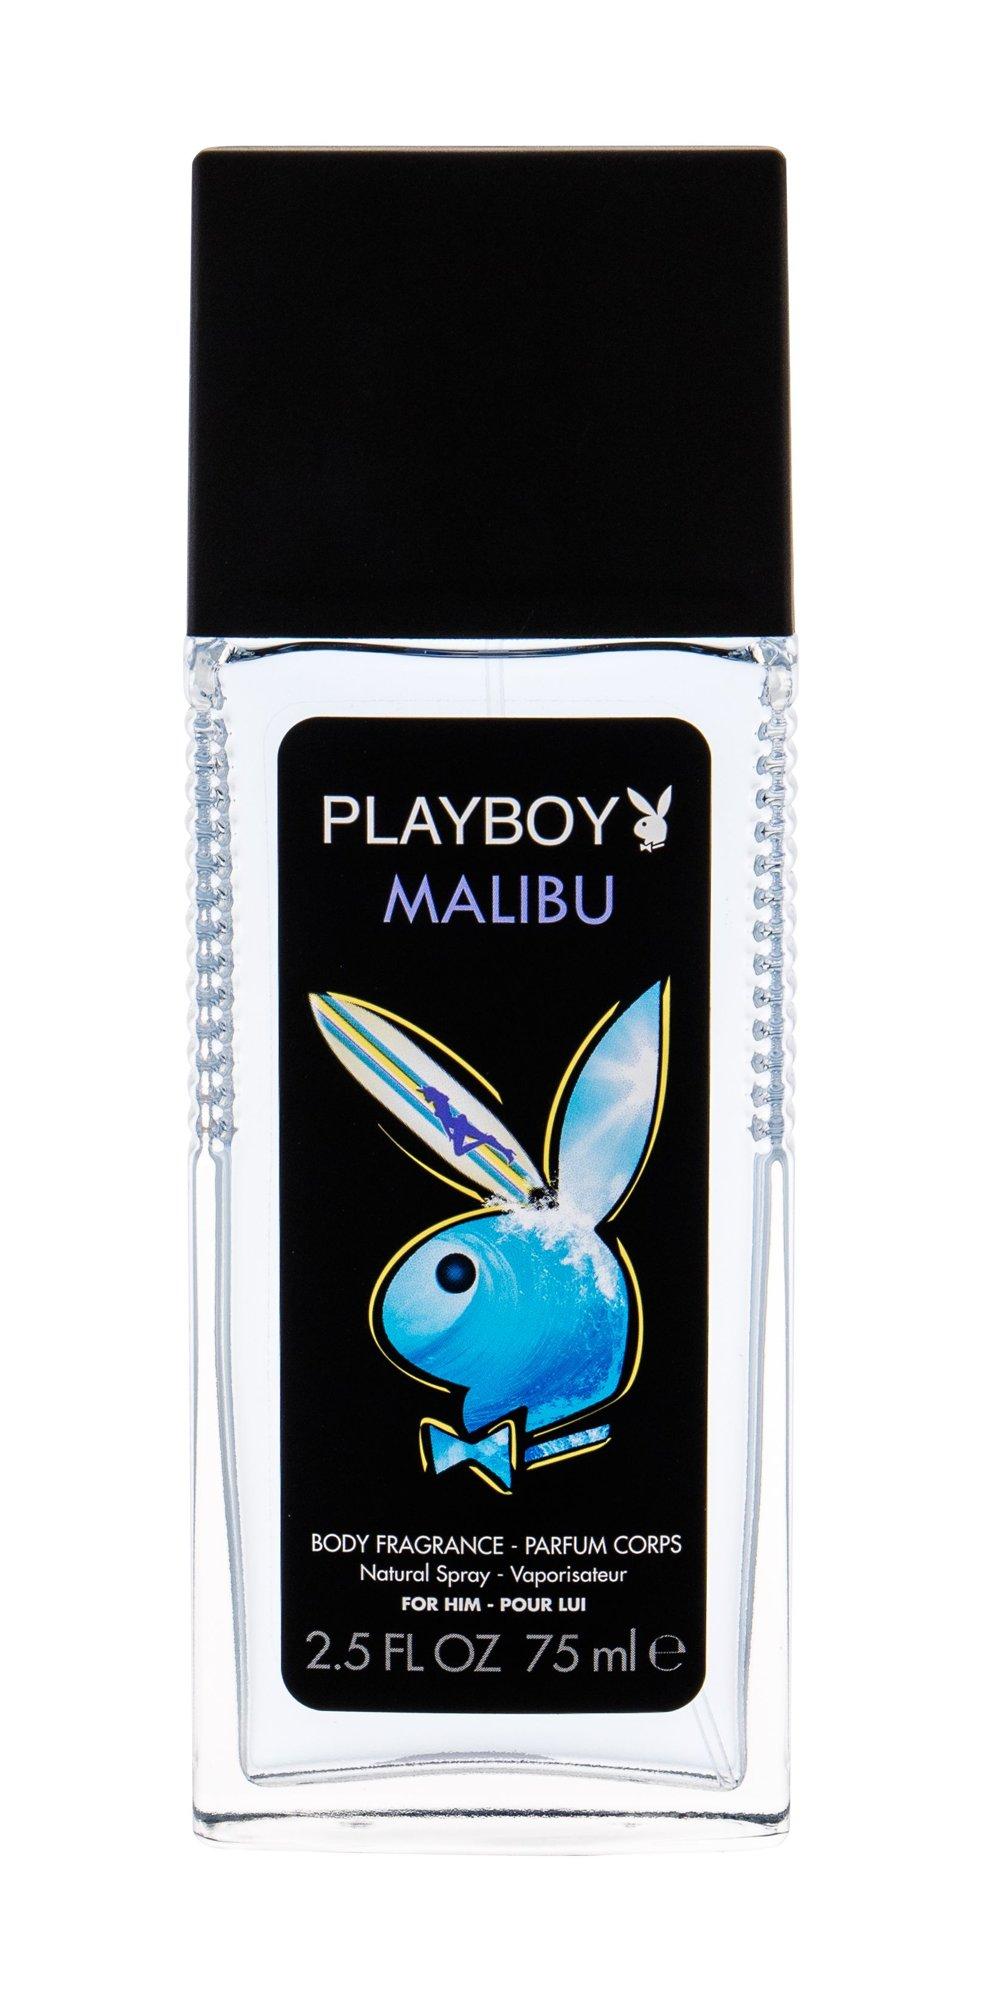 Playboy Malibu Deodorant 75ml